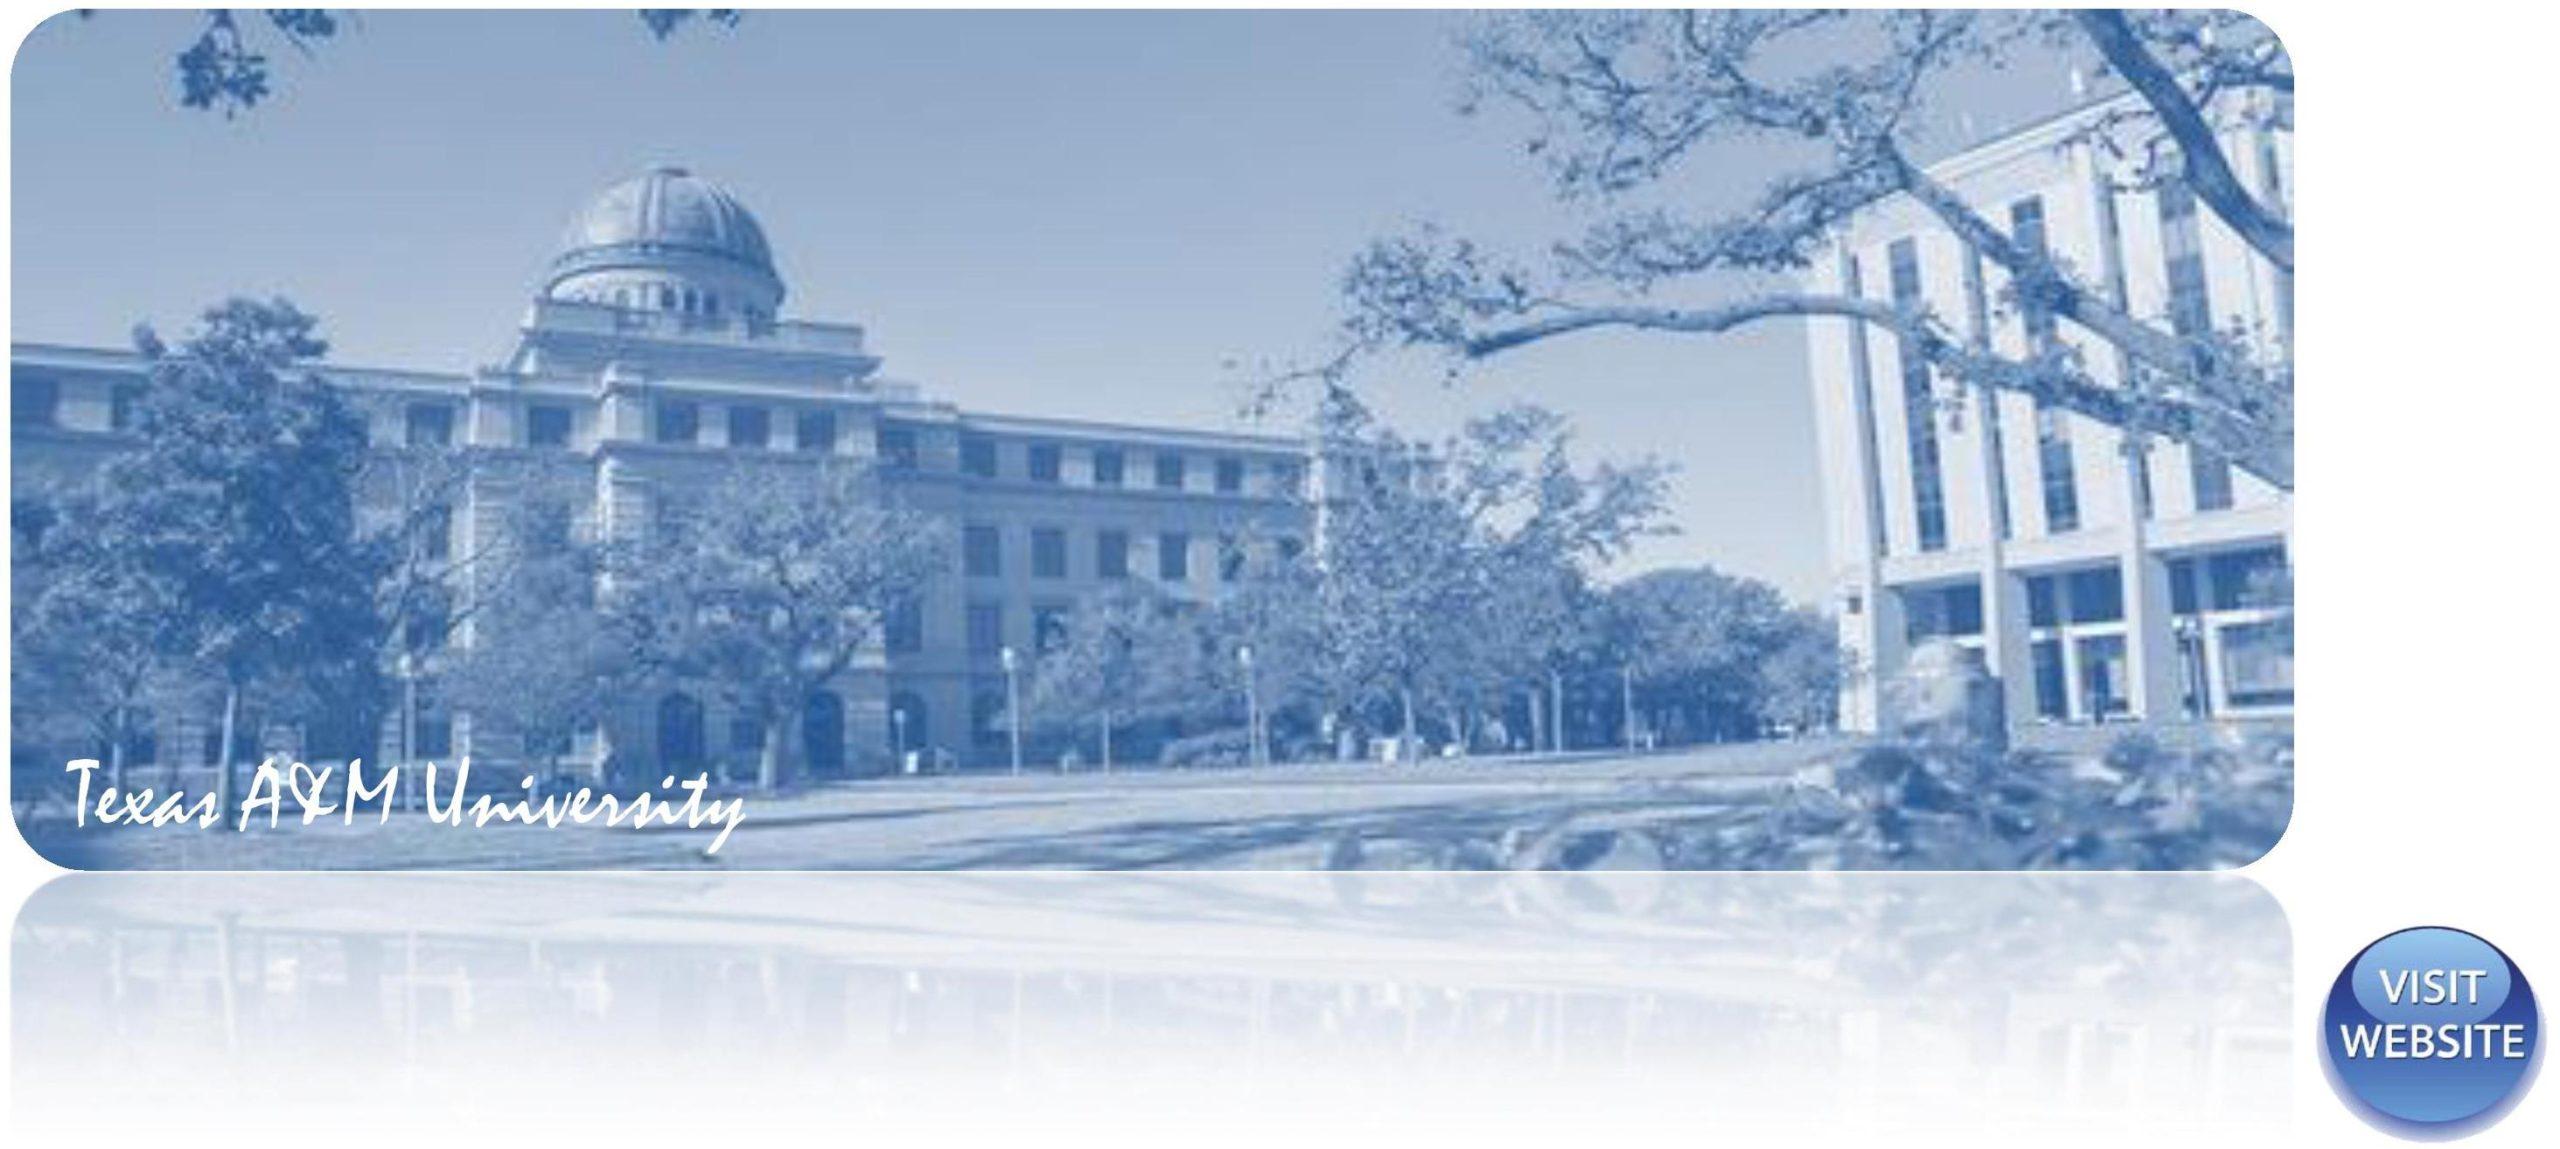 Texas A&M University USA